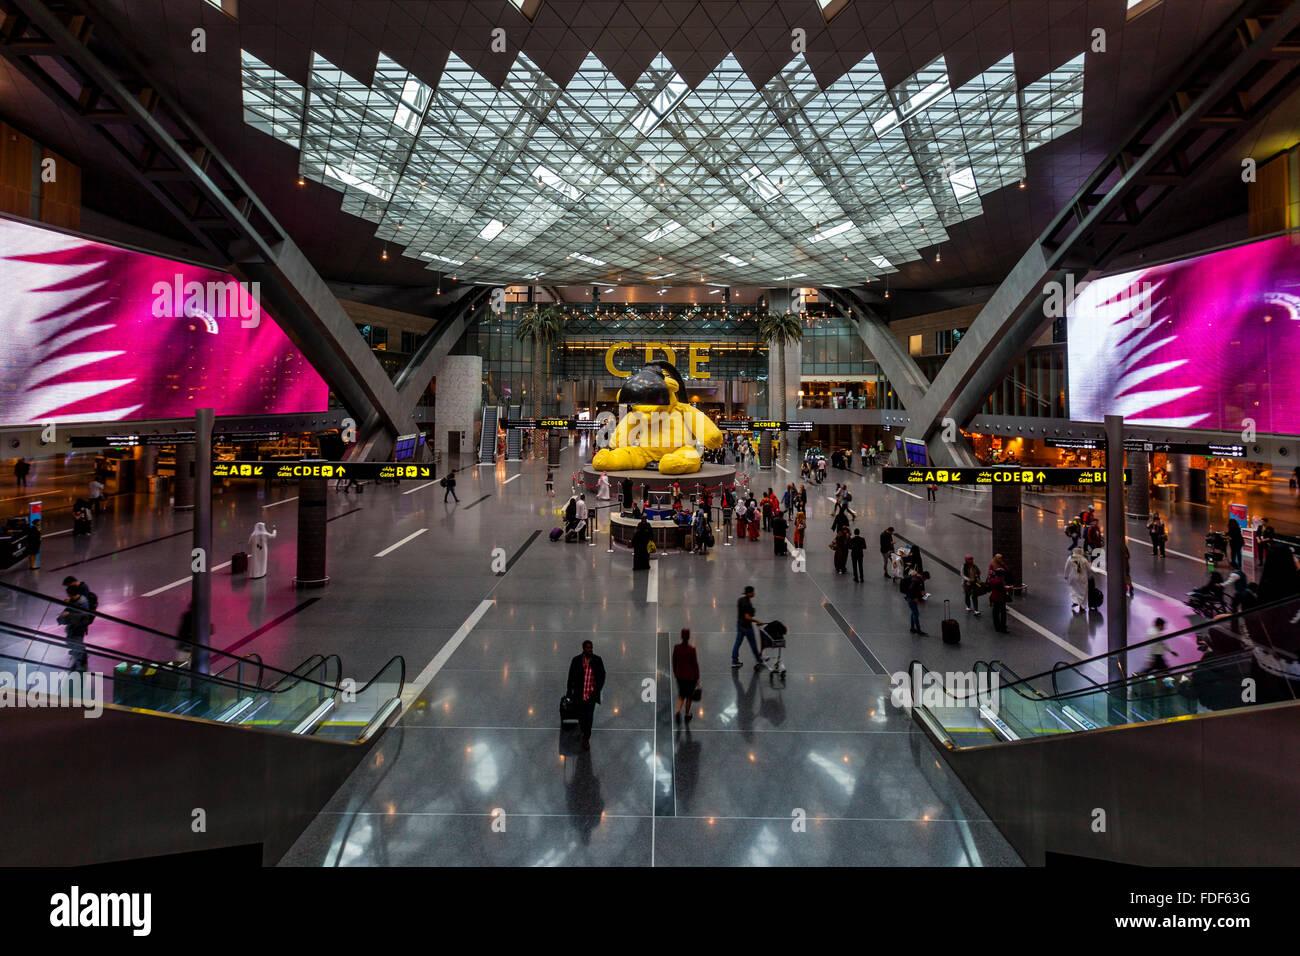 La salle d'embarquement, l'Aéroport International Hamad, Doha, Qatar Banque D'Images